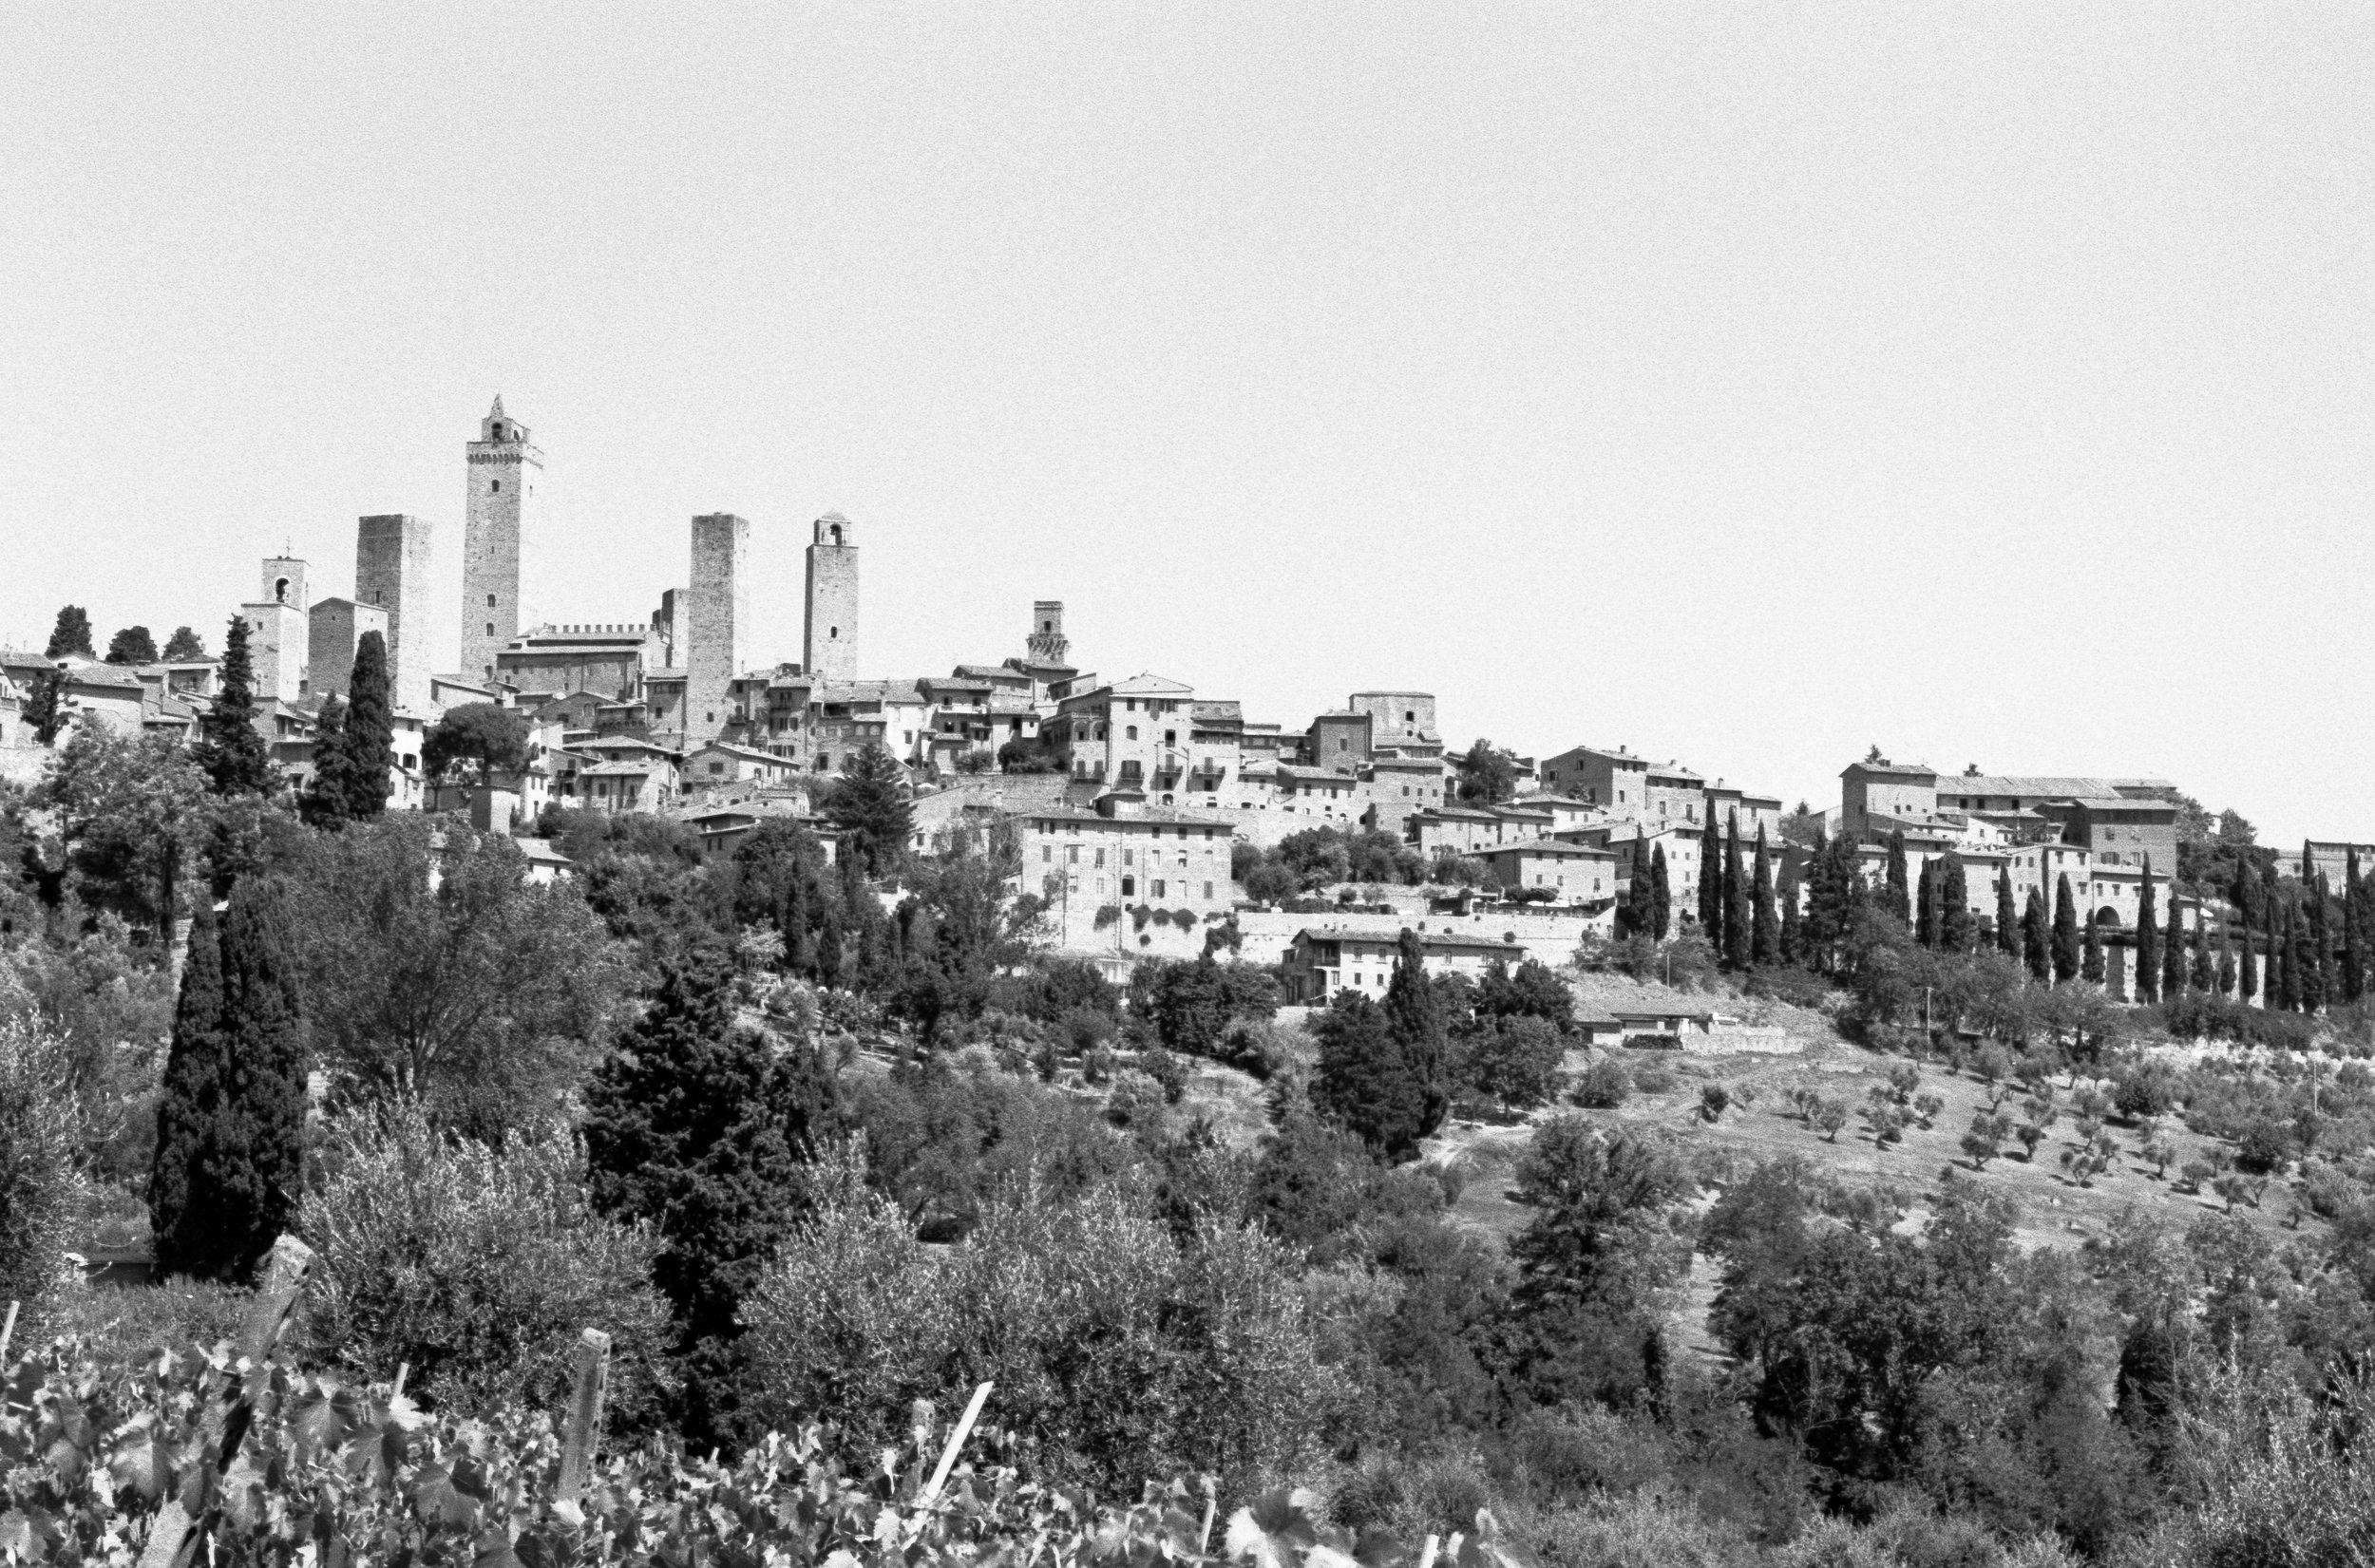 A skyline of medieval towers, San Gimignano. Italy. 2019.